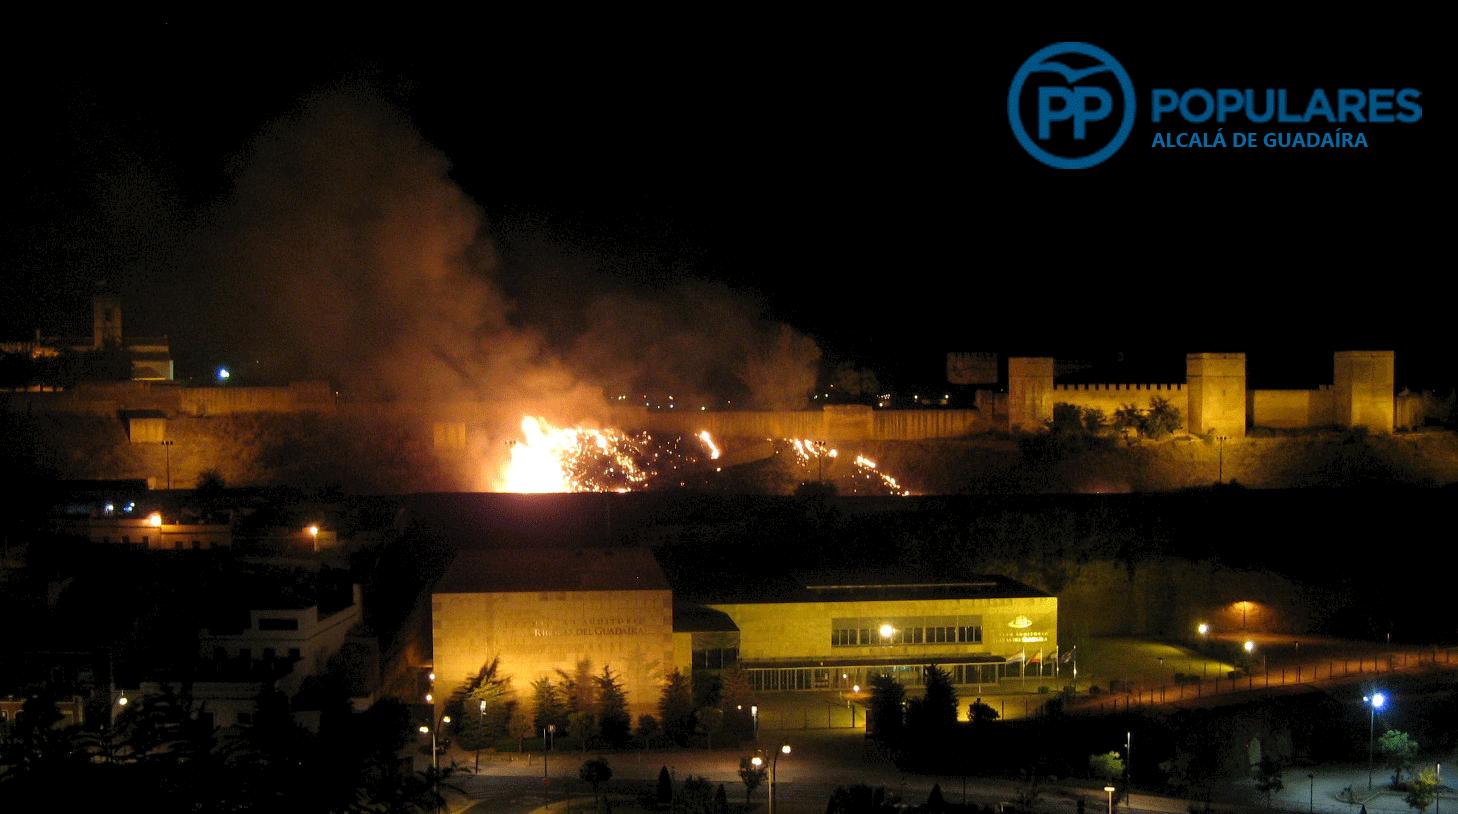 El Castillo de Alcalá de Guadaíra sufre incendio por abandono del Ayuntamiento